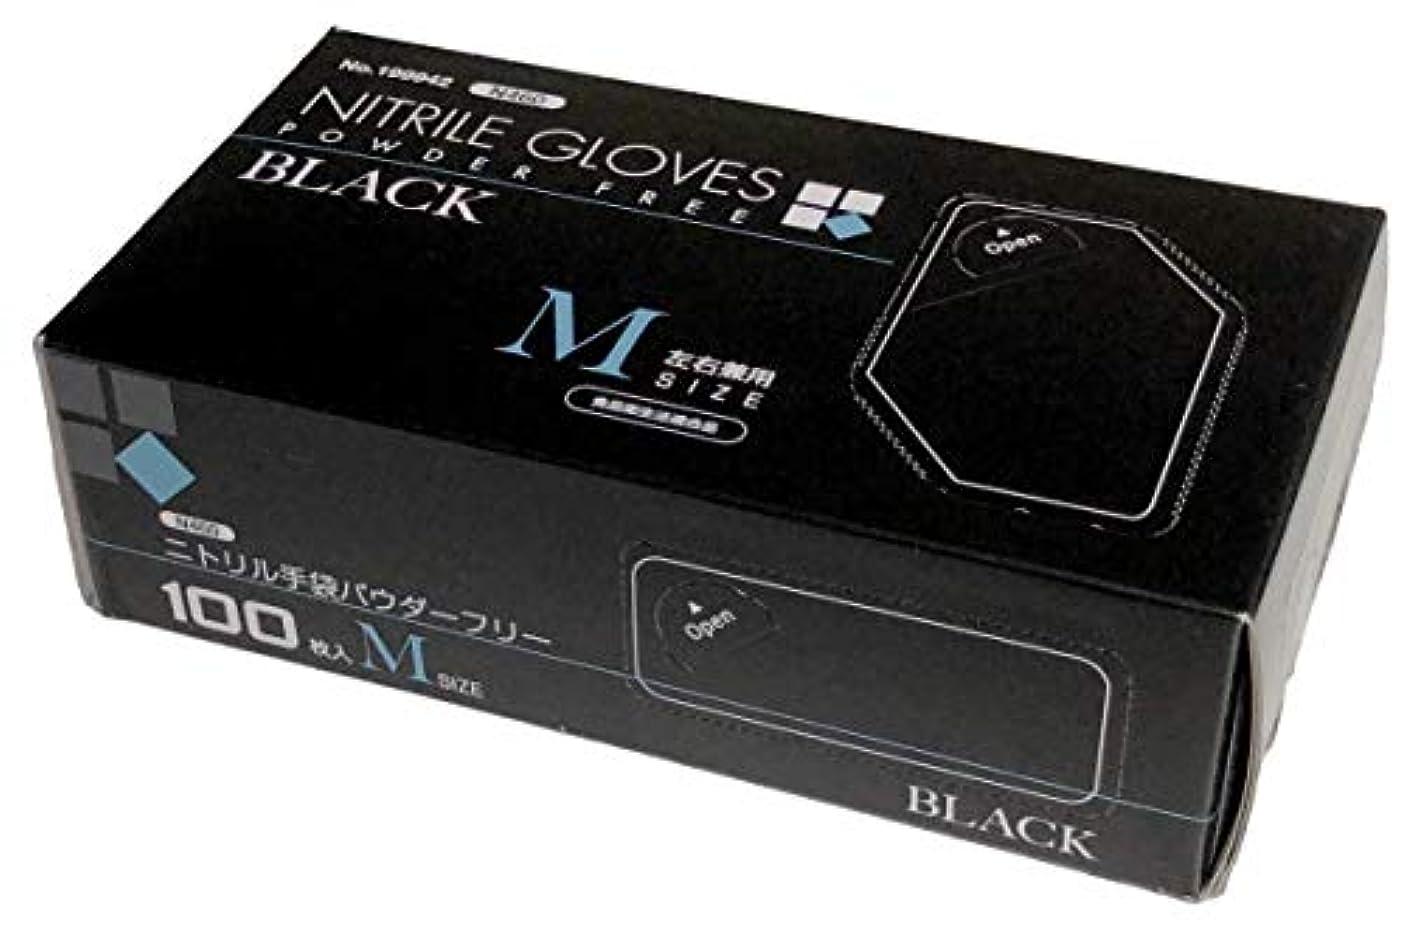 階奇跡構成員水野産業 ニトリルグローブ 黒 ブラック パウダーフリー 100枚入 N460 (M)